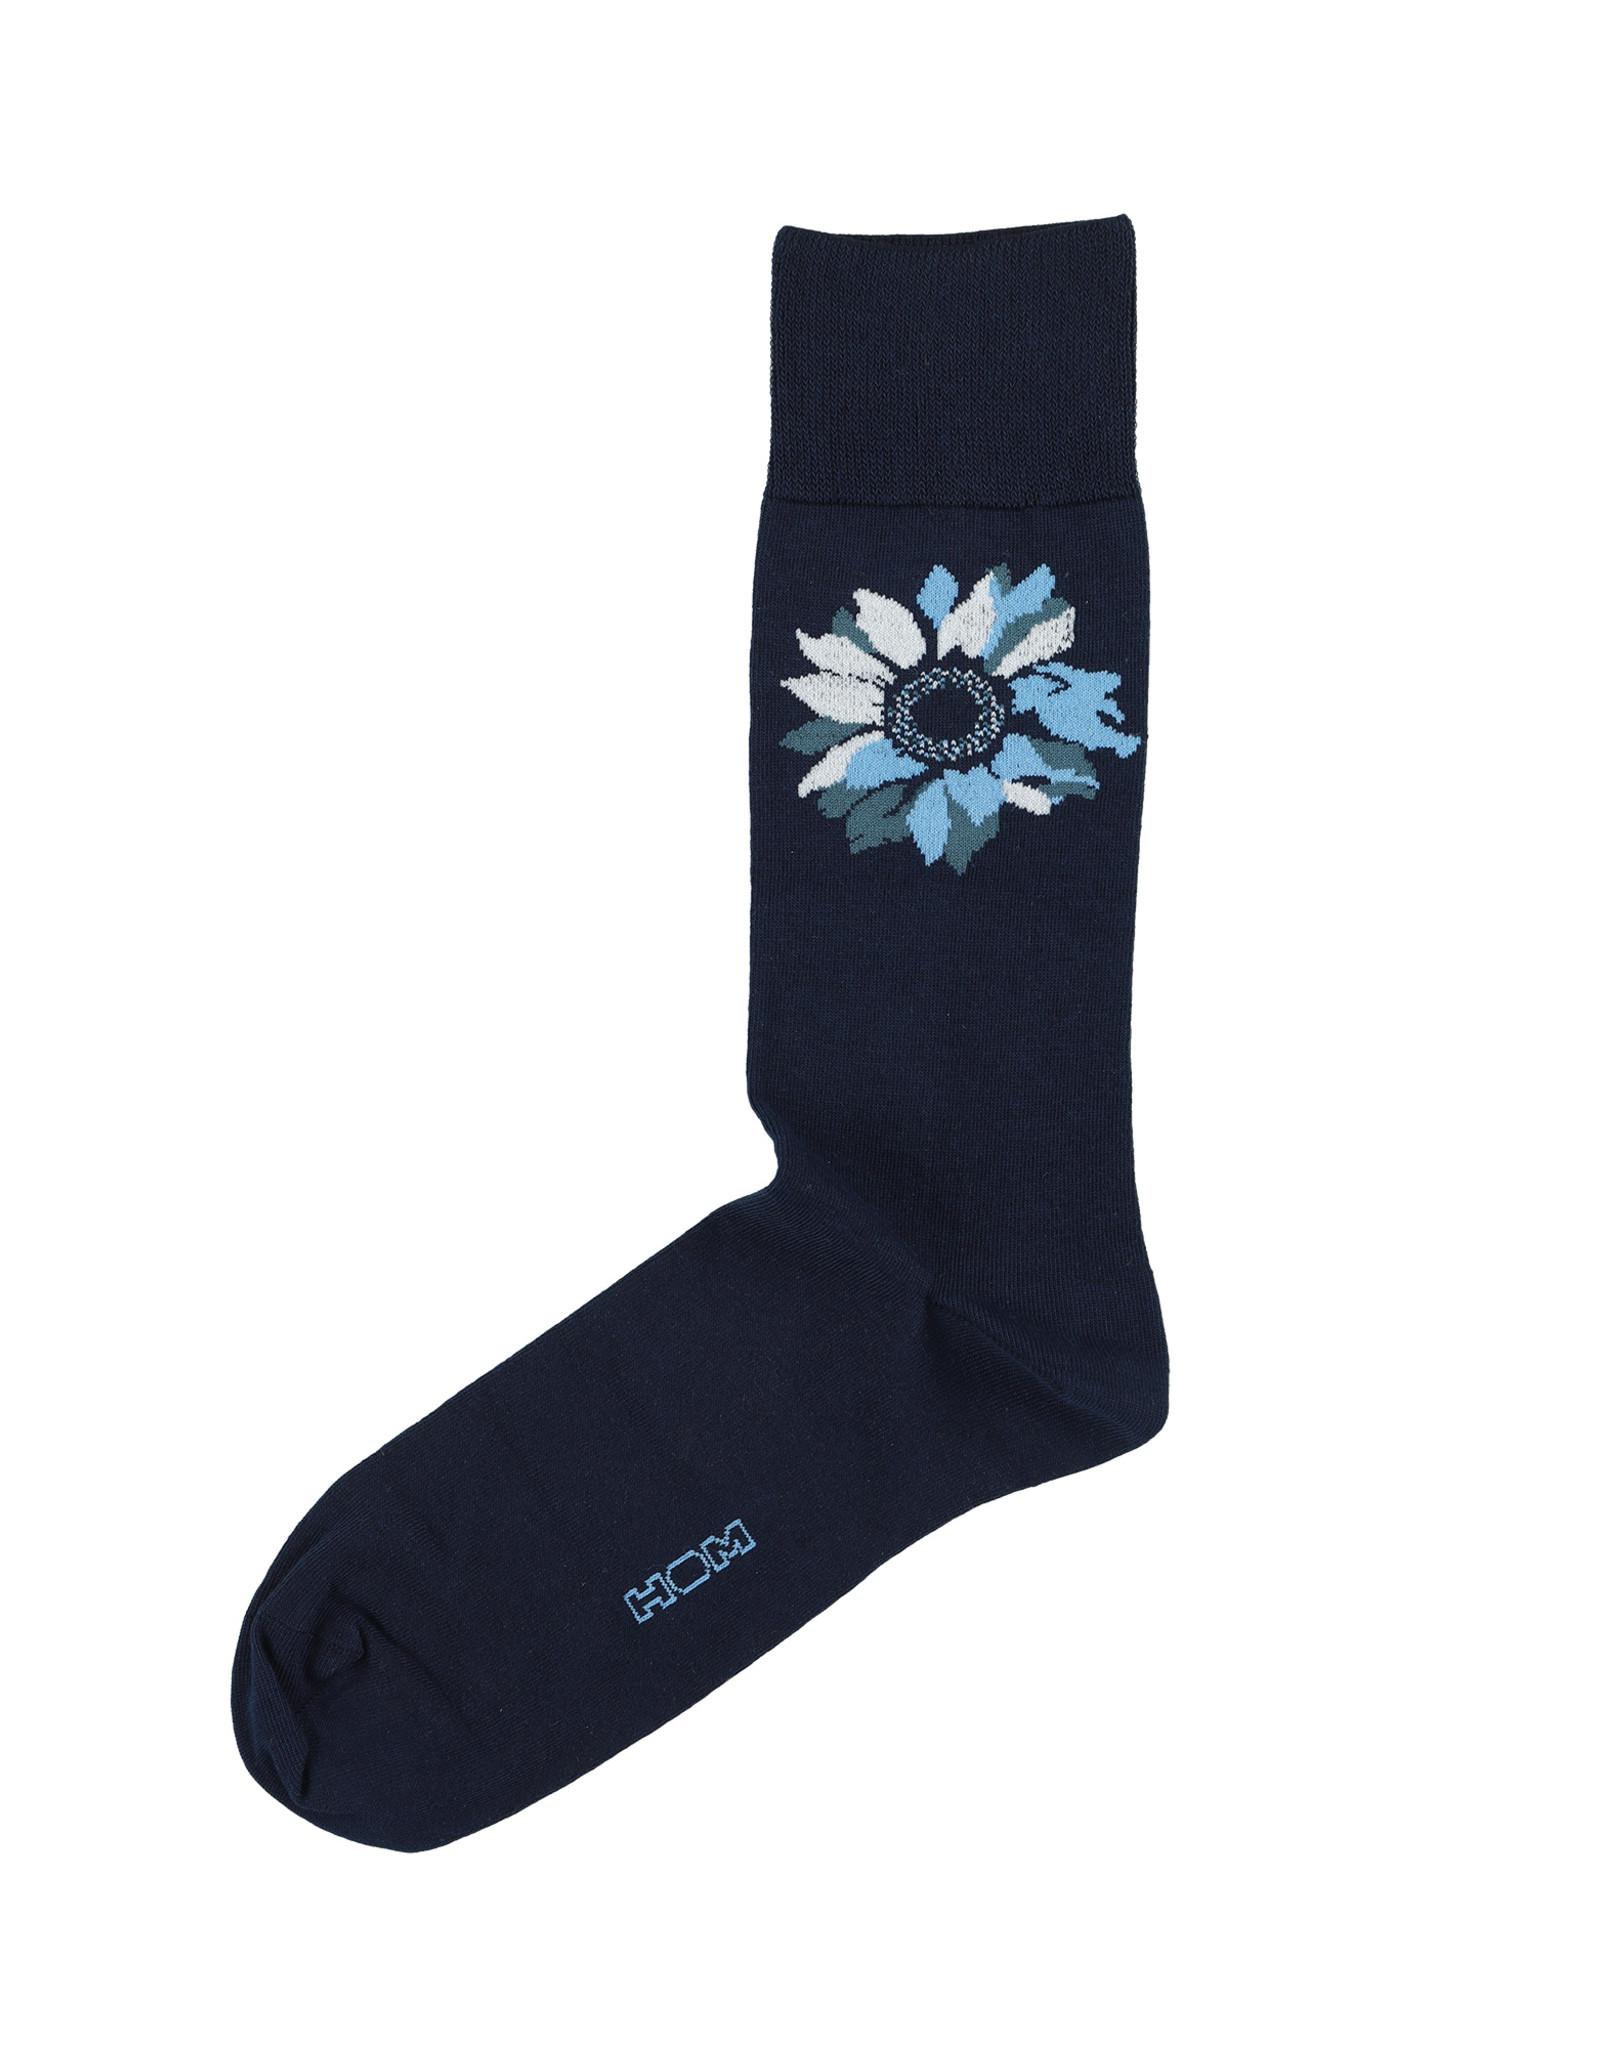 HOM Socks, Vincent